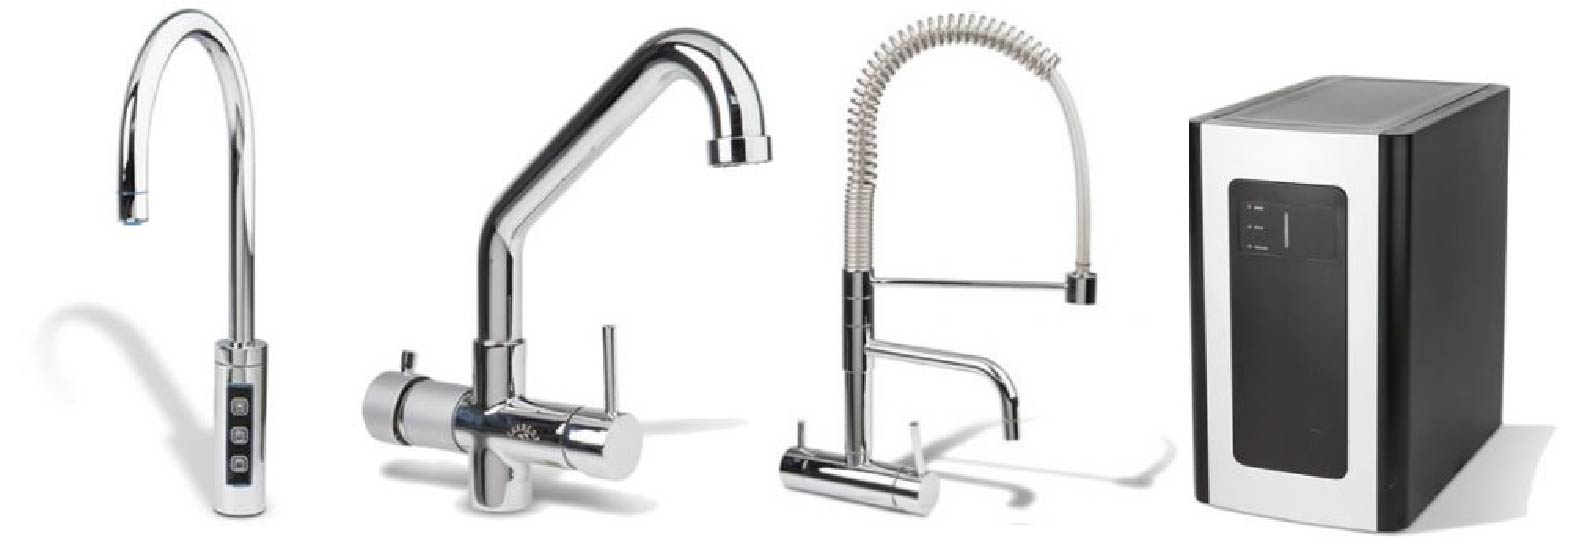 système d'eau potable pour la maison